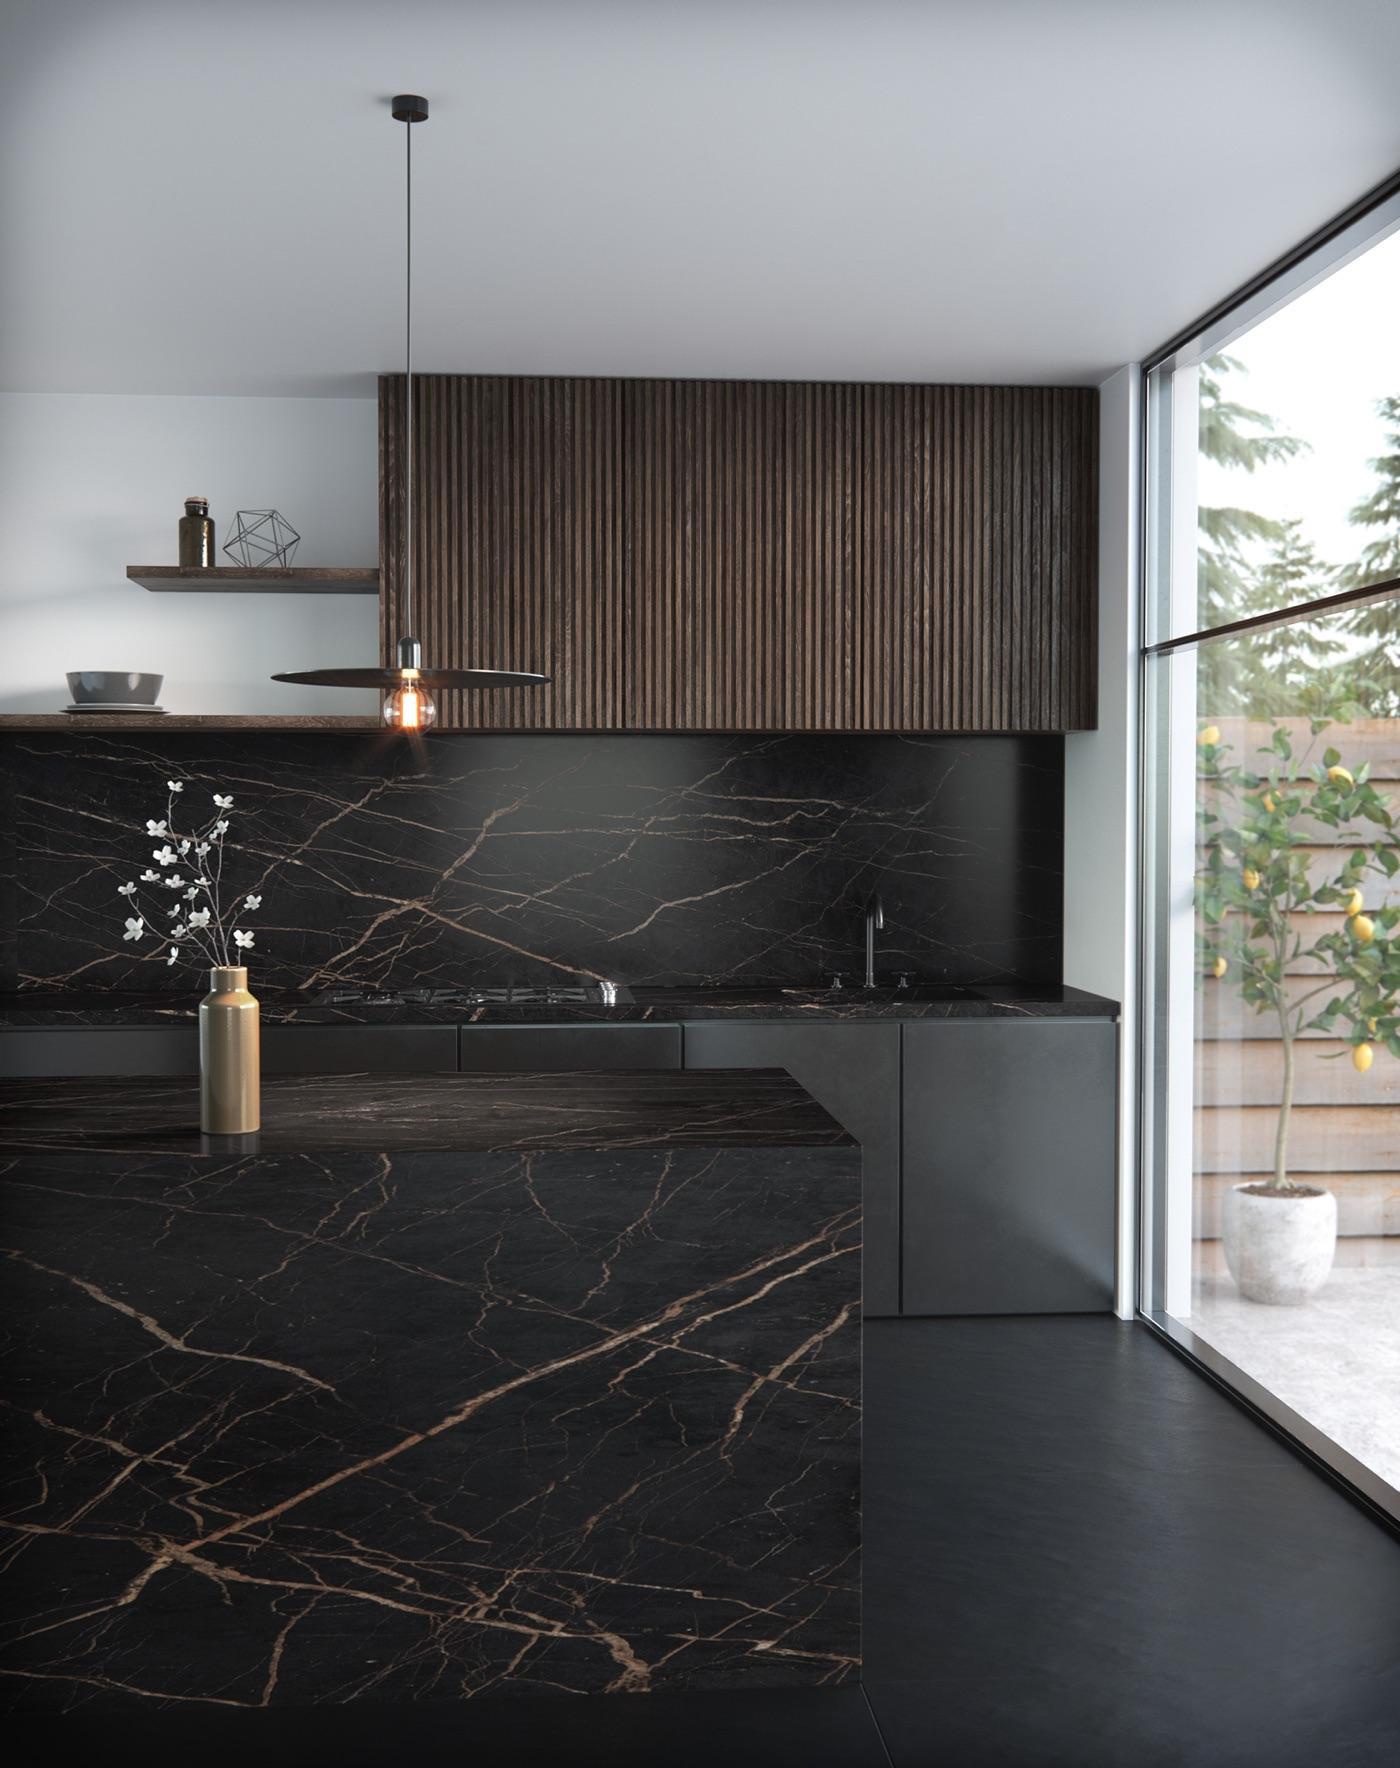 Plan-travail-cuisine-design-marbrerie-noir-dekton-STC-Paris